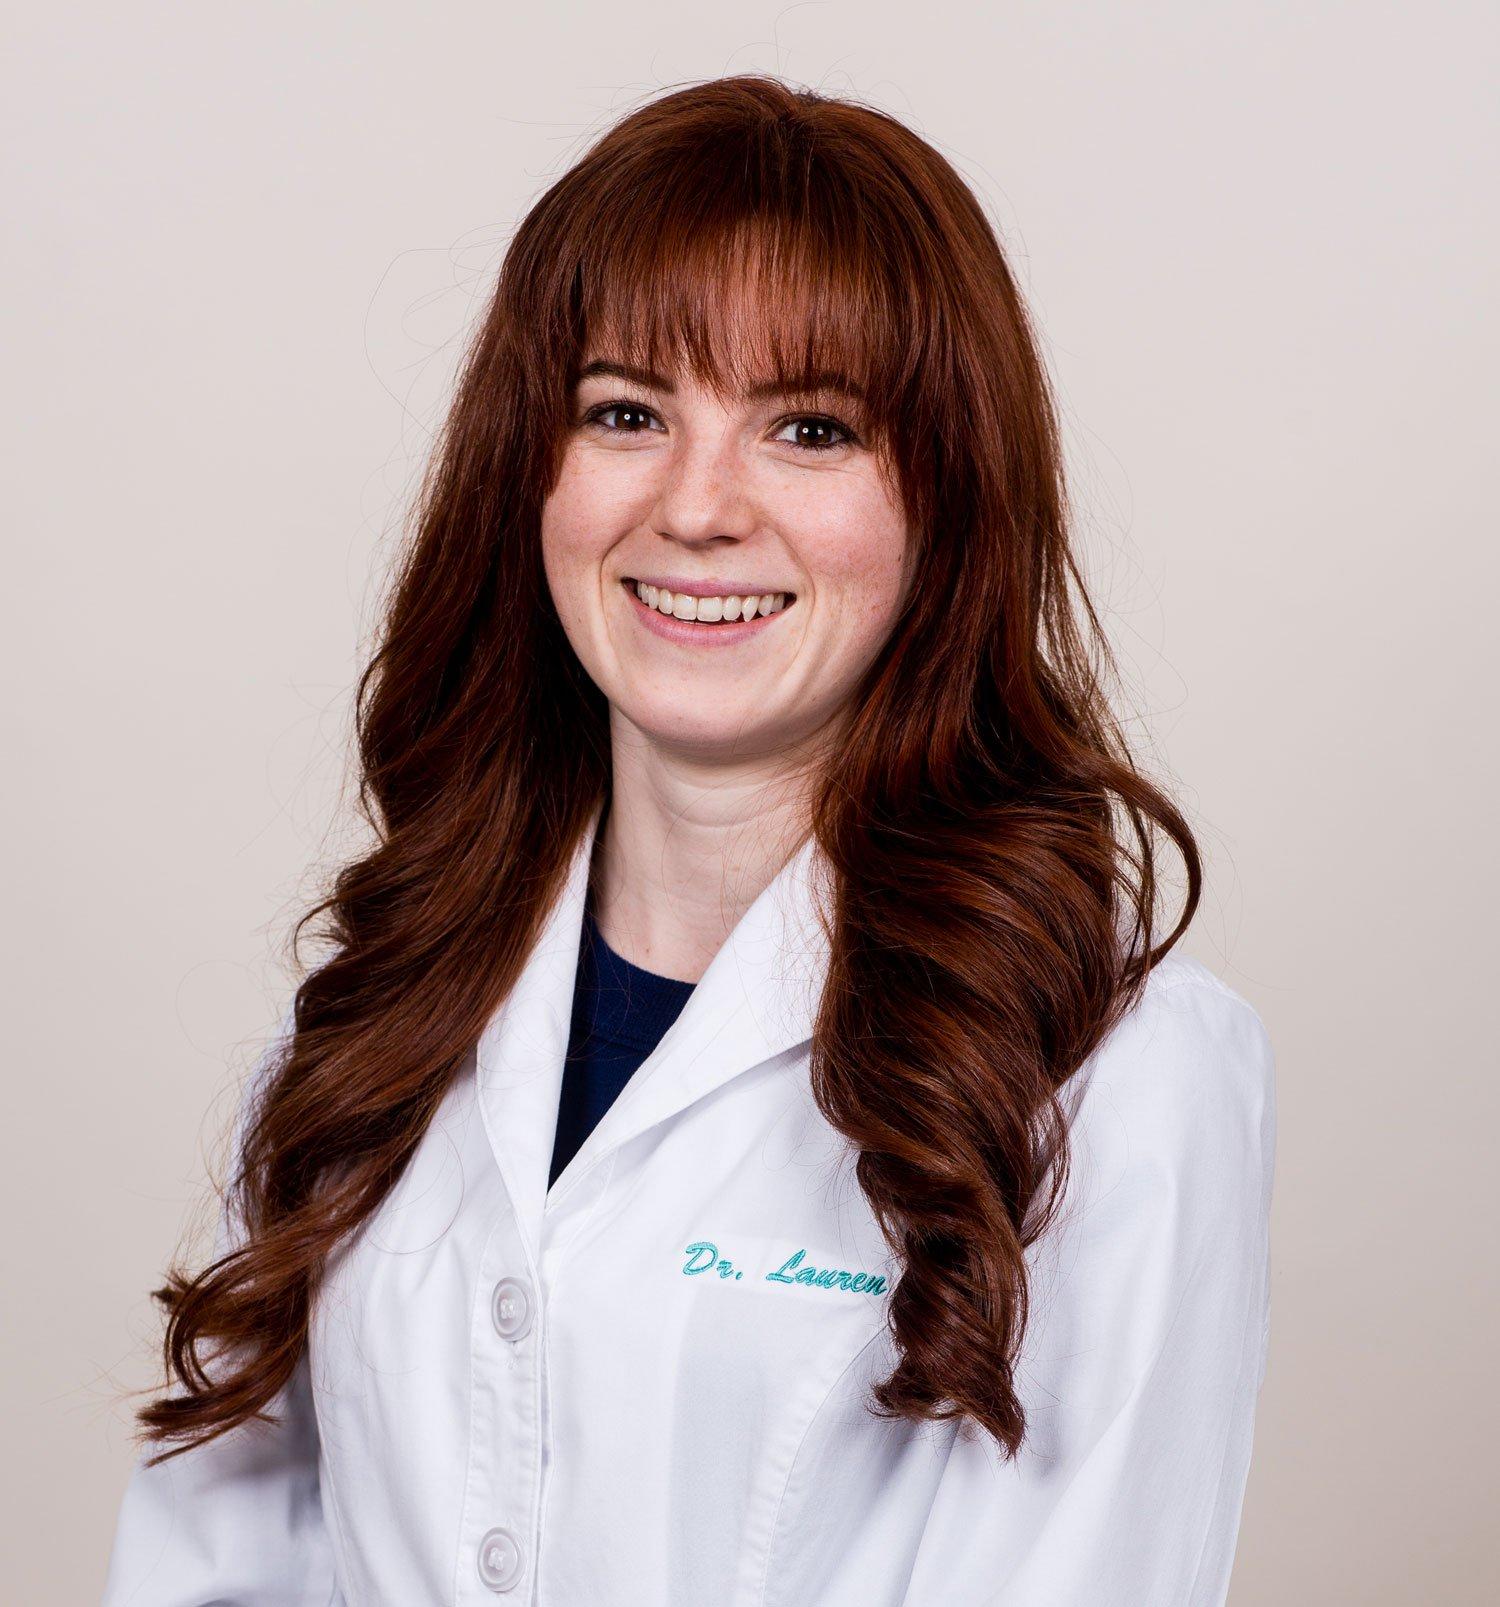 Meet Dr Lauren